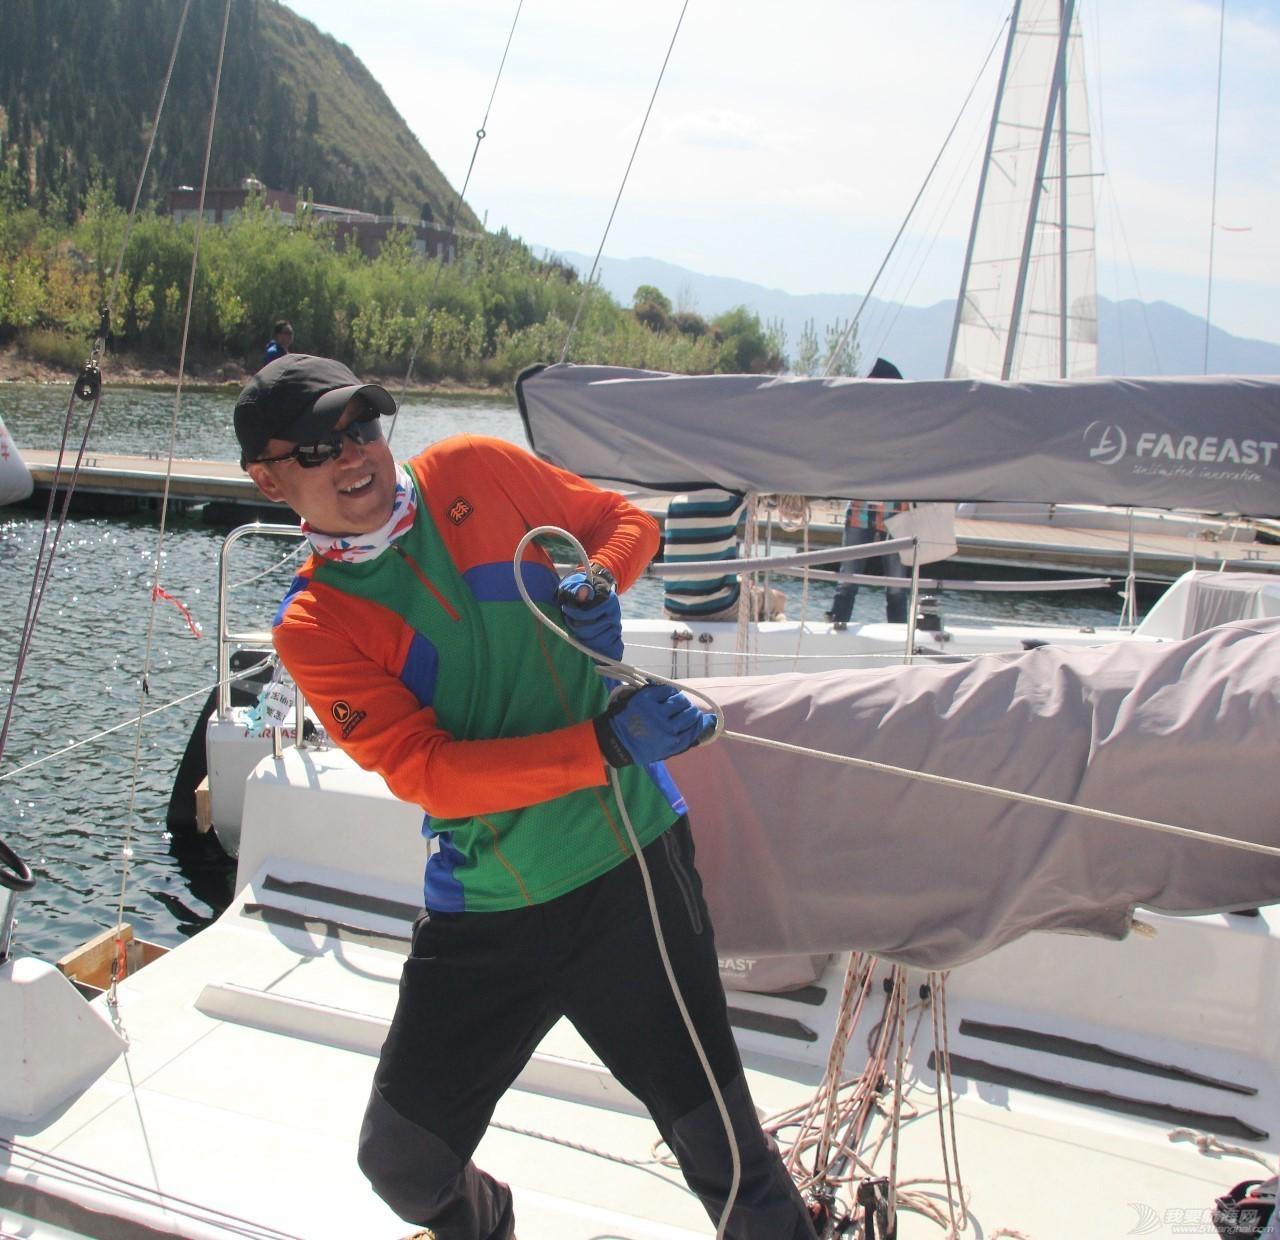 【2016万达海公馆杯企业帆船赛赛队介绍】穆菲勒帆船队 0003dfbd3999de634a1d2f6dc01cf510.jpg